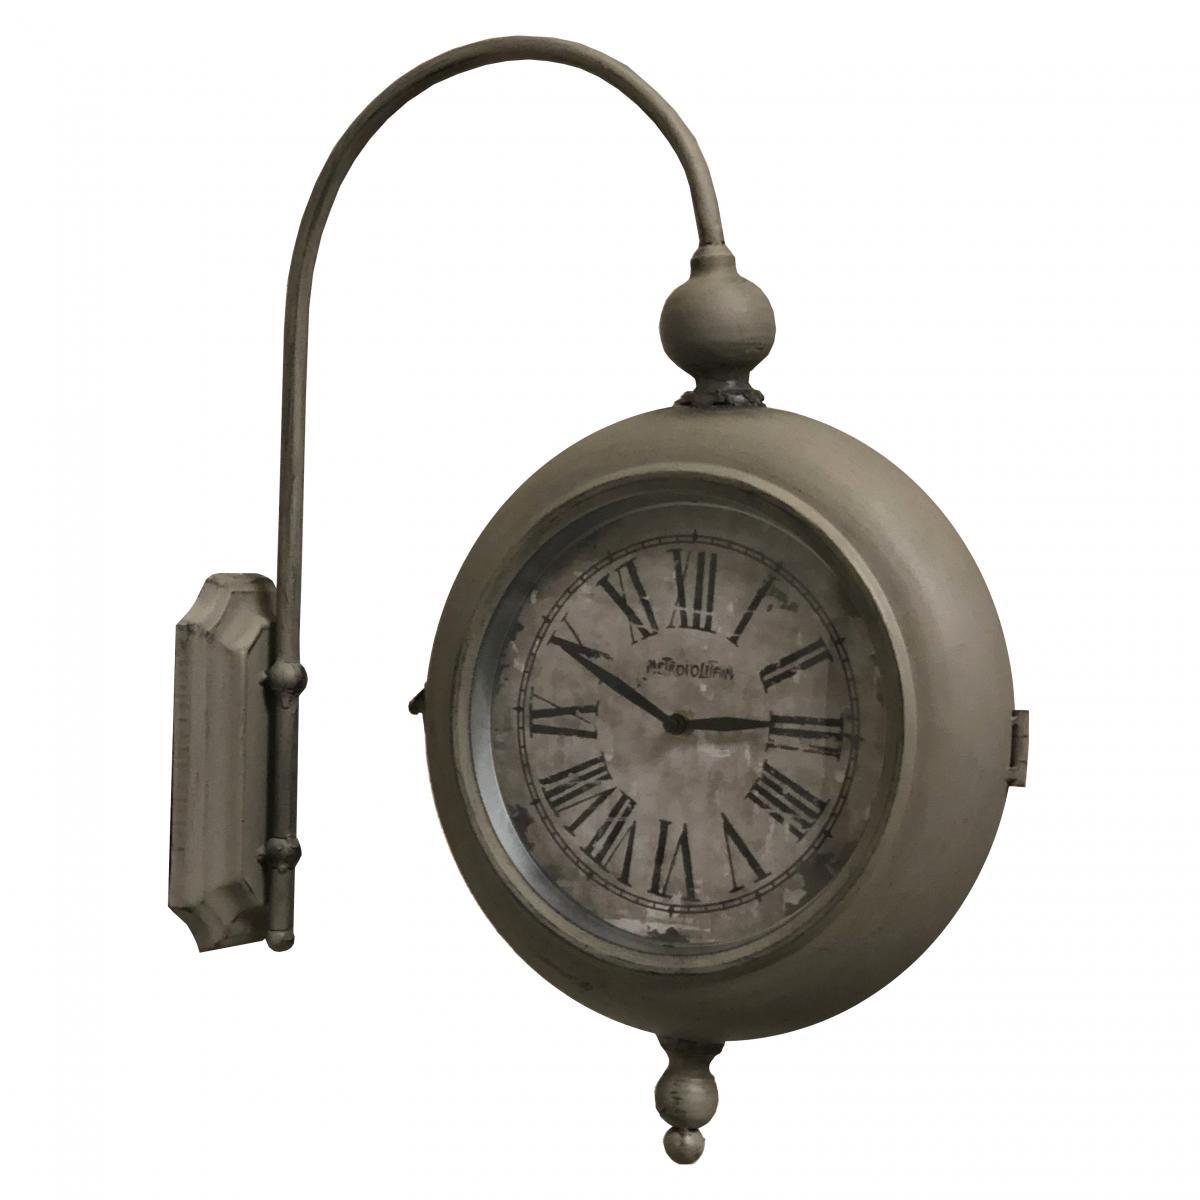 L'Originale Deco Horloge de Gare Horloge Industriel Double Face 57 cm x 47 cm x 10.50 cm